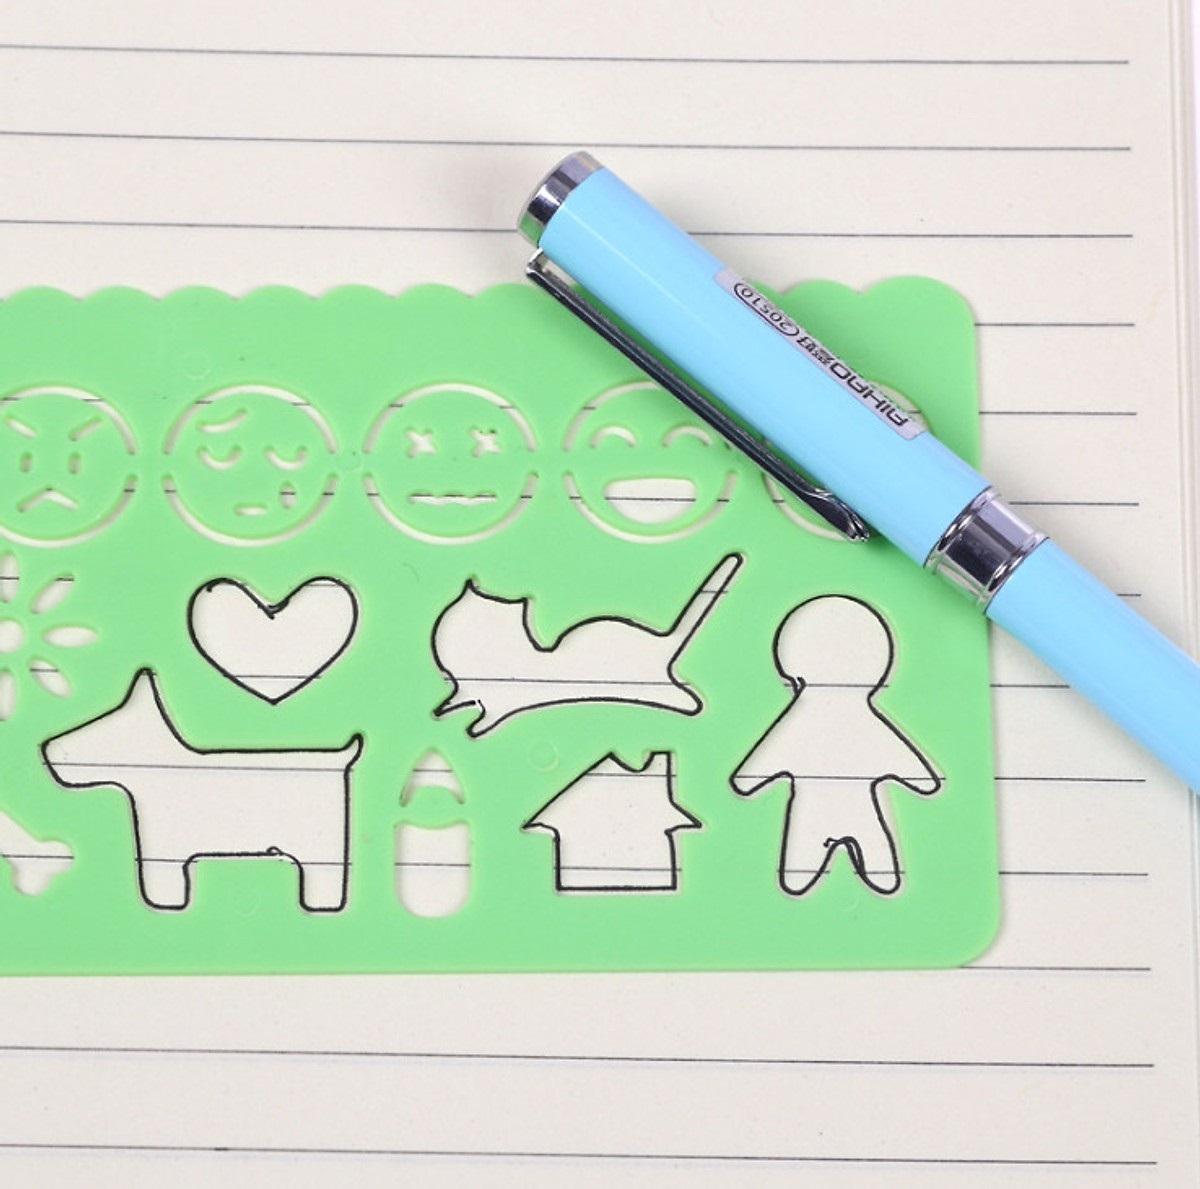 Bộ thước kẻ in hình cho bé tập vẽ - 4 khuôn